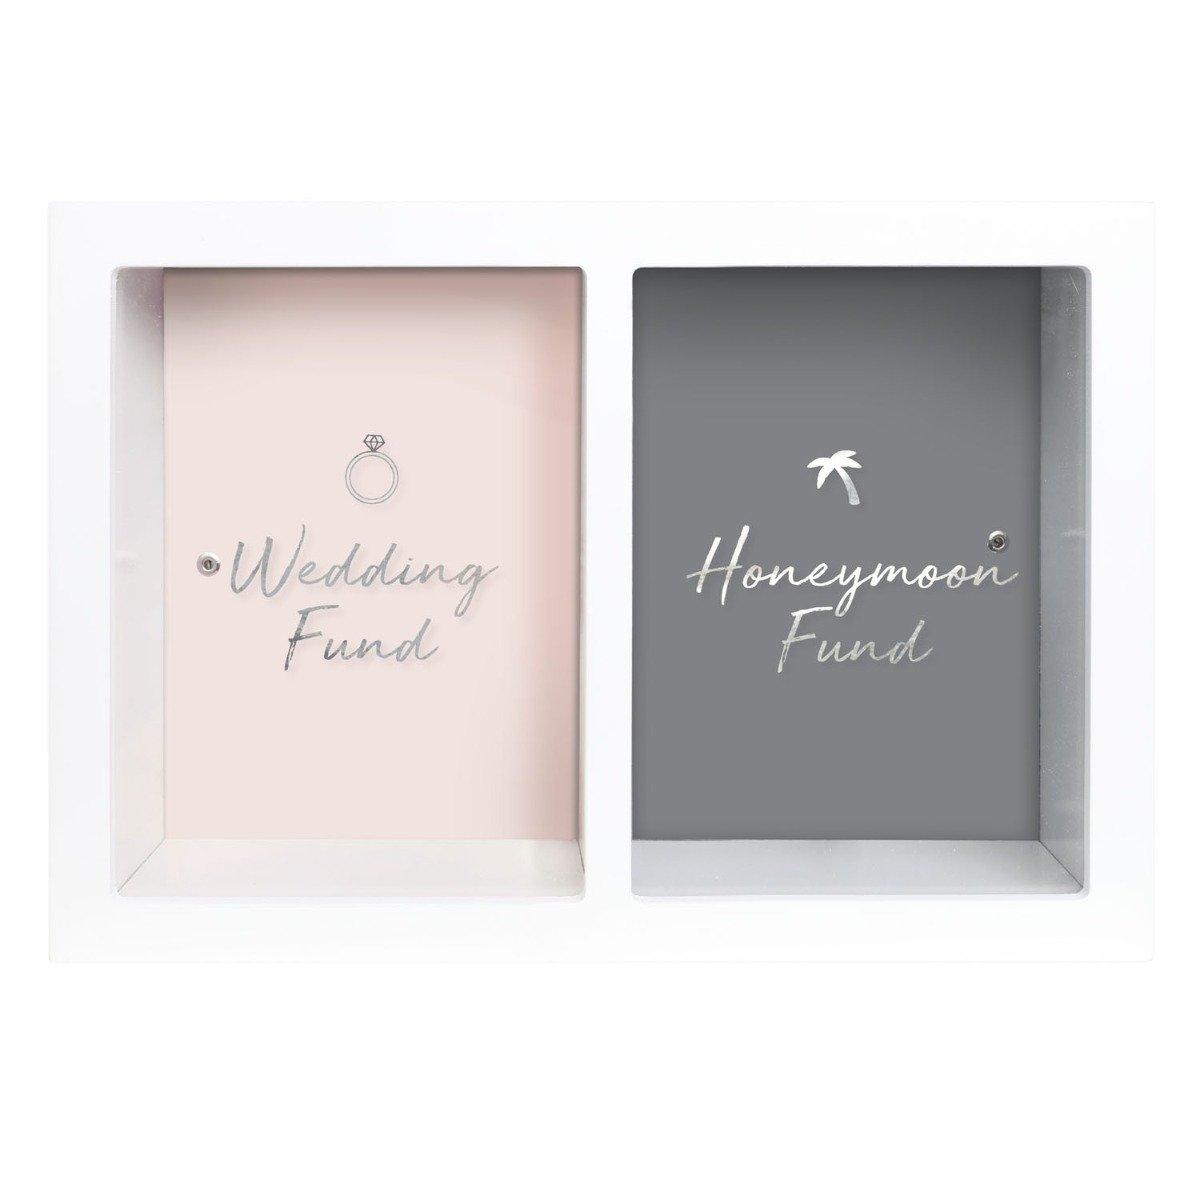 Wedding Fund / Honeymoon Fund